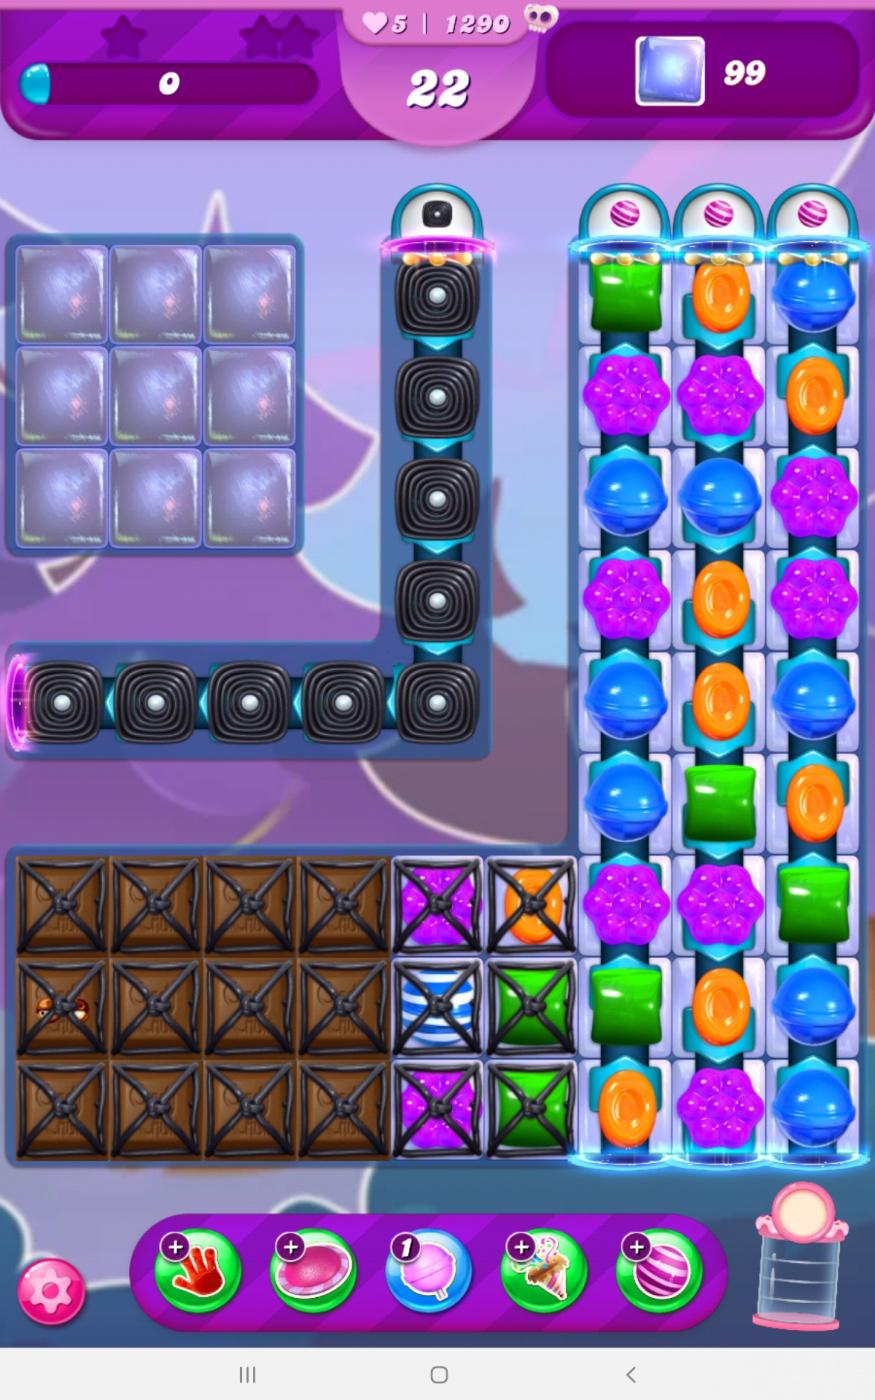 Screenshot_20210405-120007_Candy Crush Saga.jpg